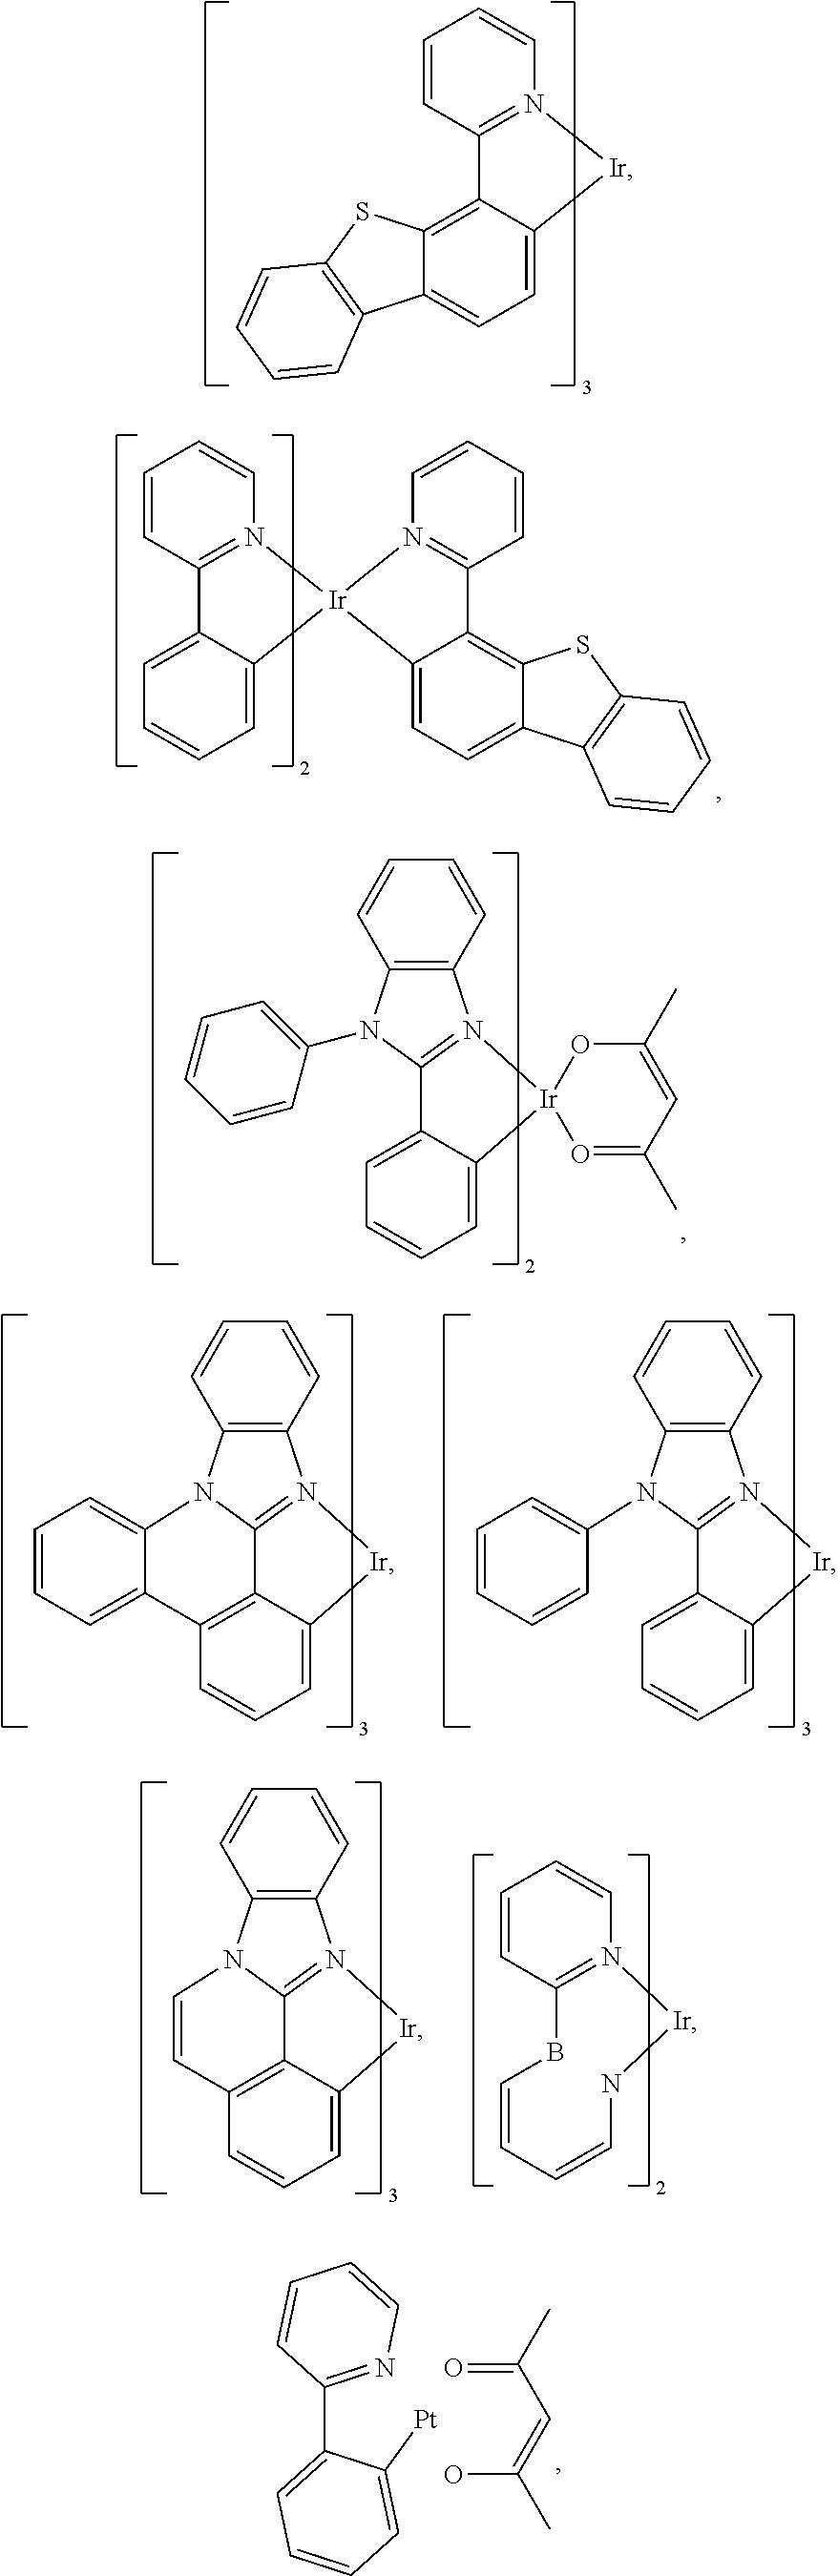 Figure US20180130962A1-20180510-C00179